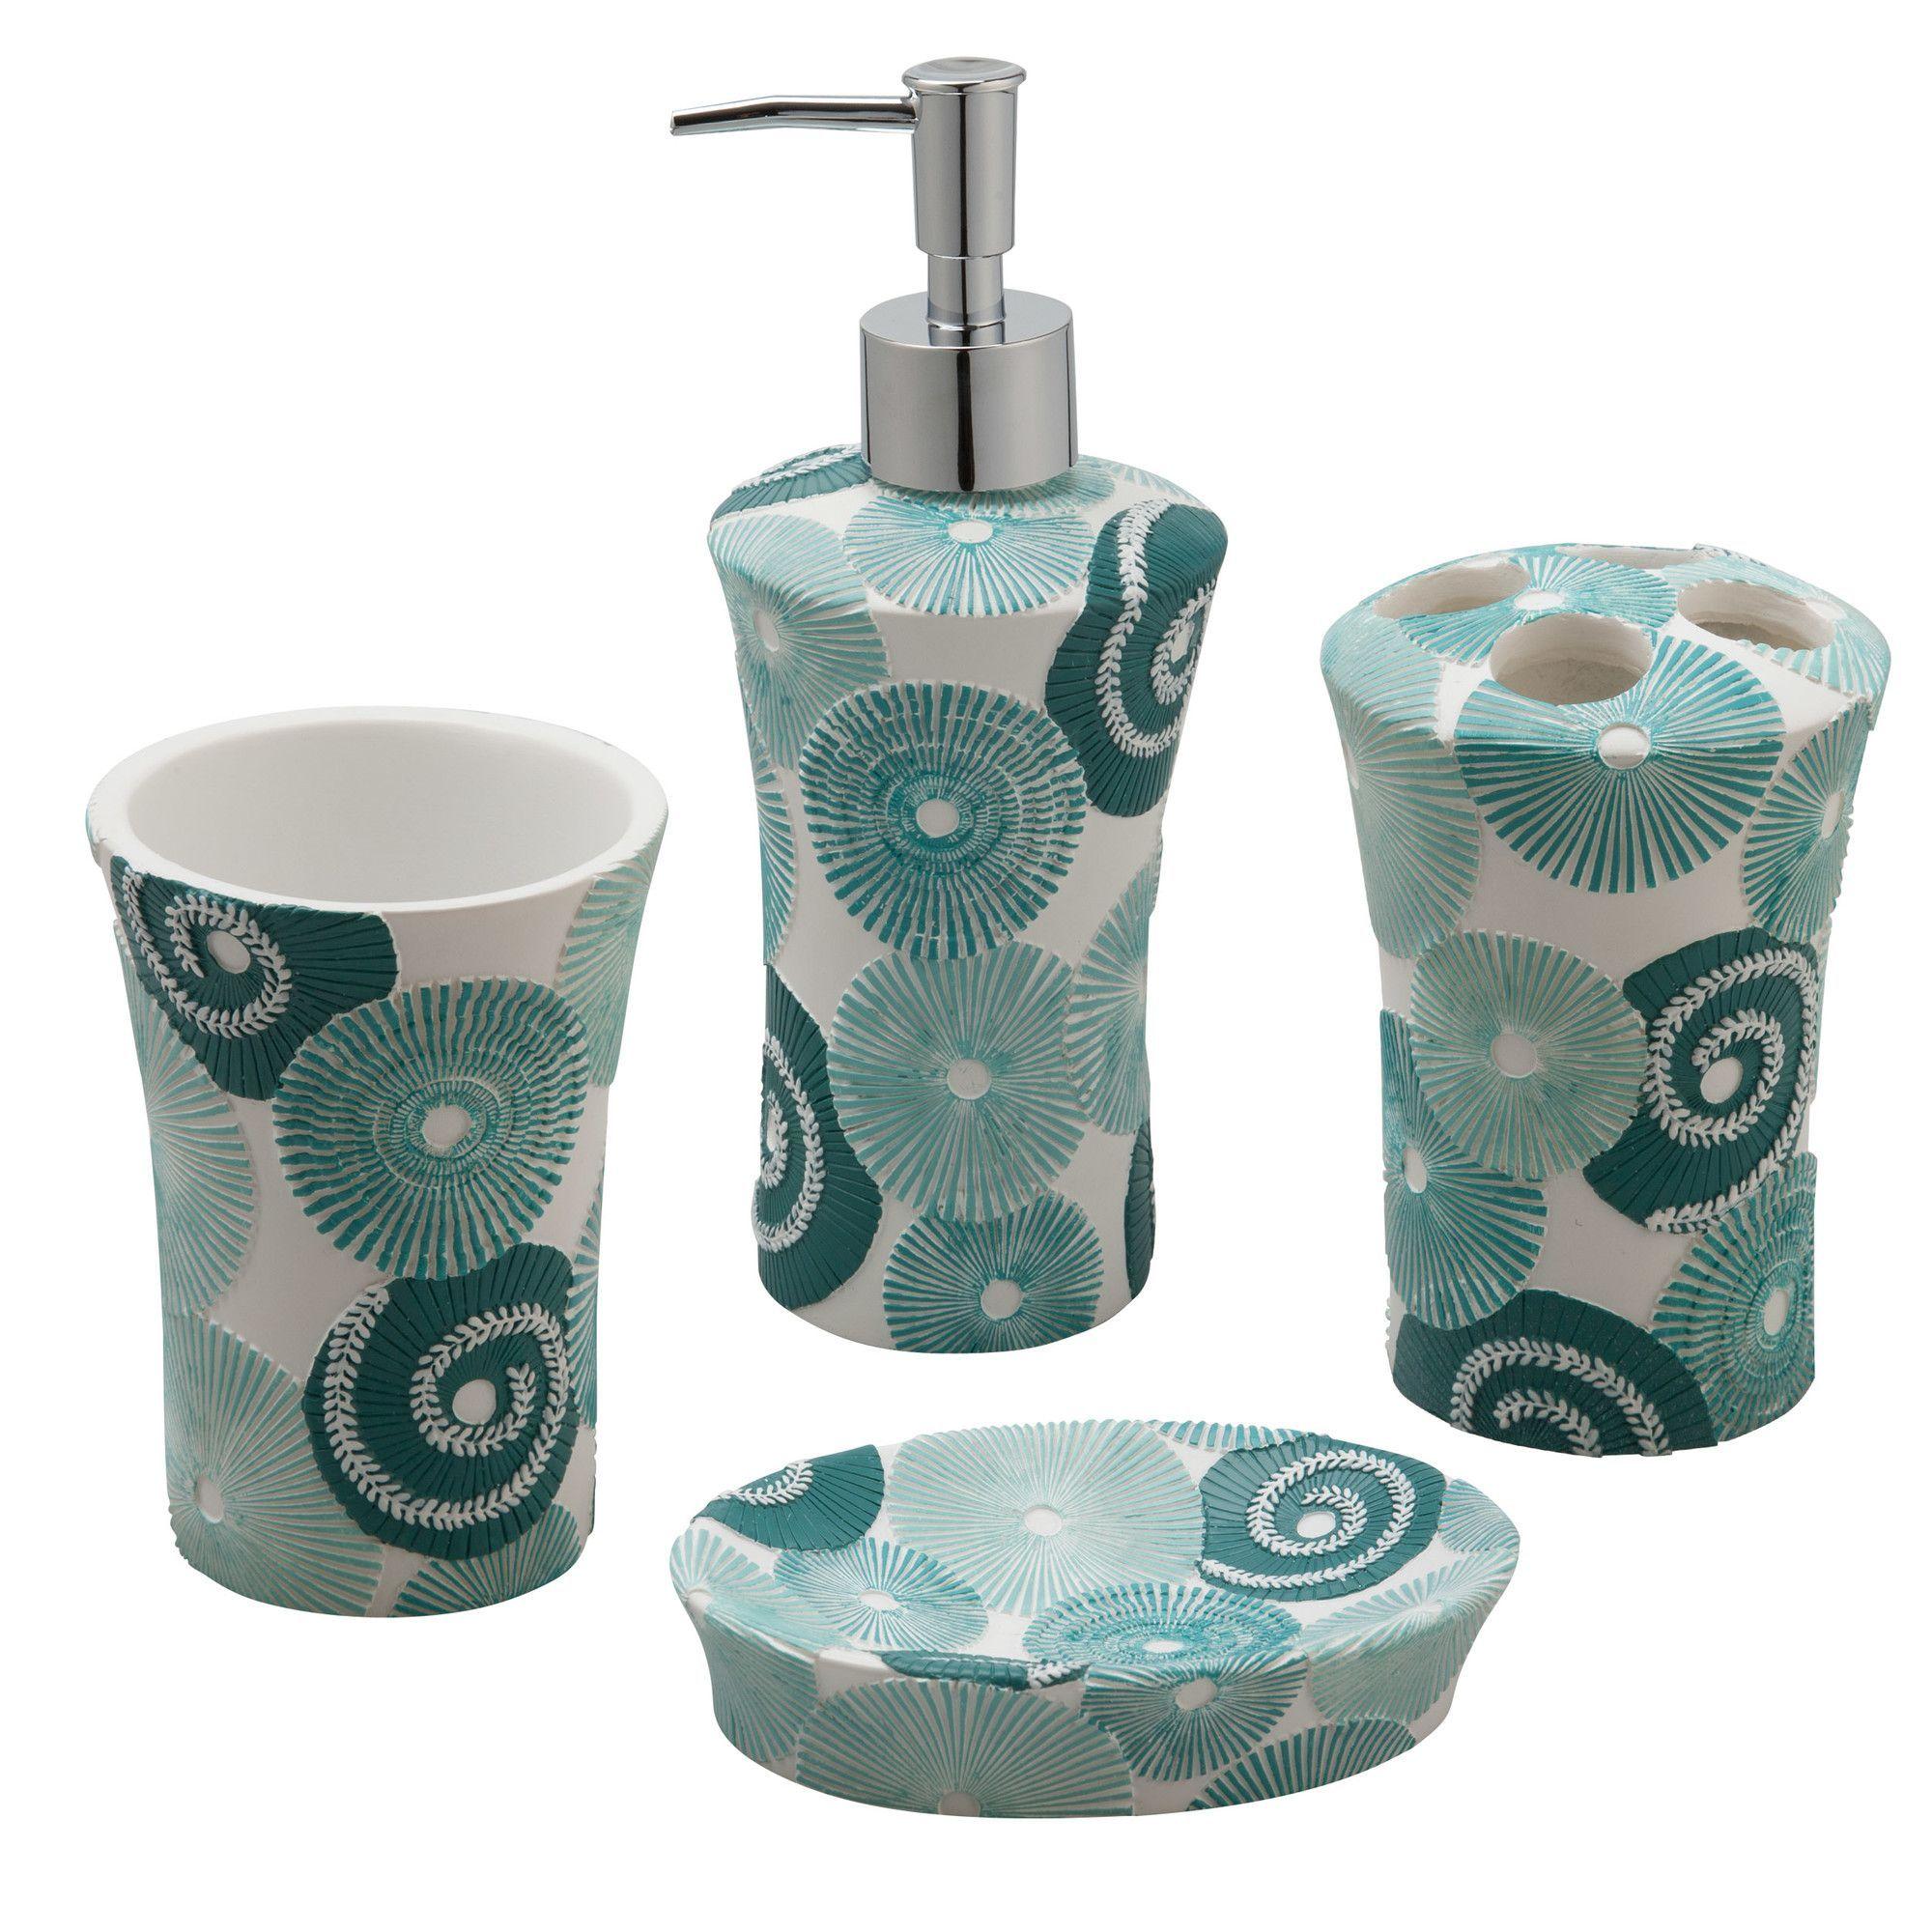 Accessoires Salle De Bain Couleur Aqua ~ parasoles 4 piece bath accessory set products pinterest